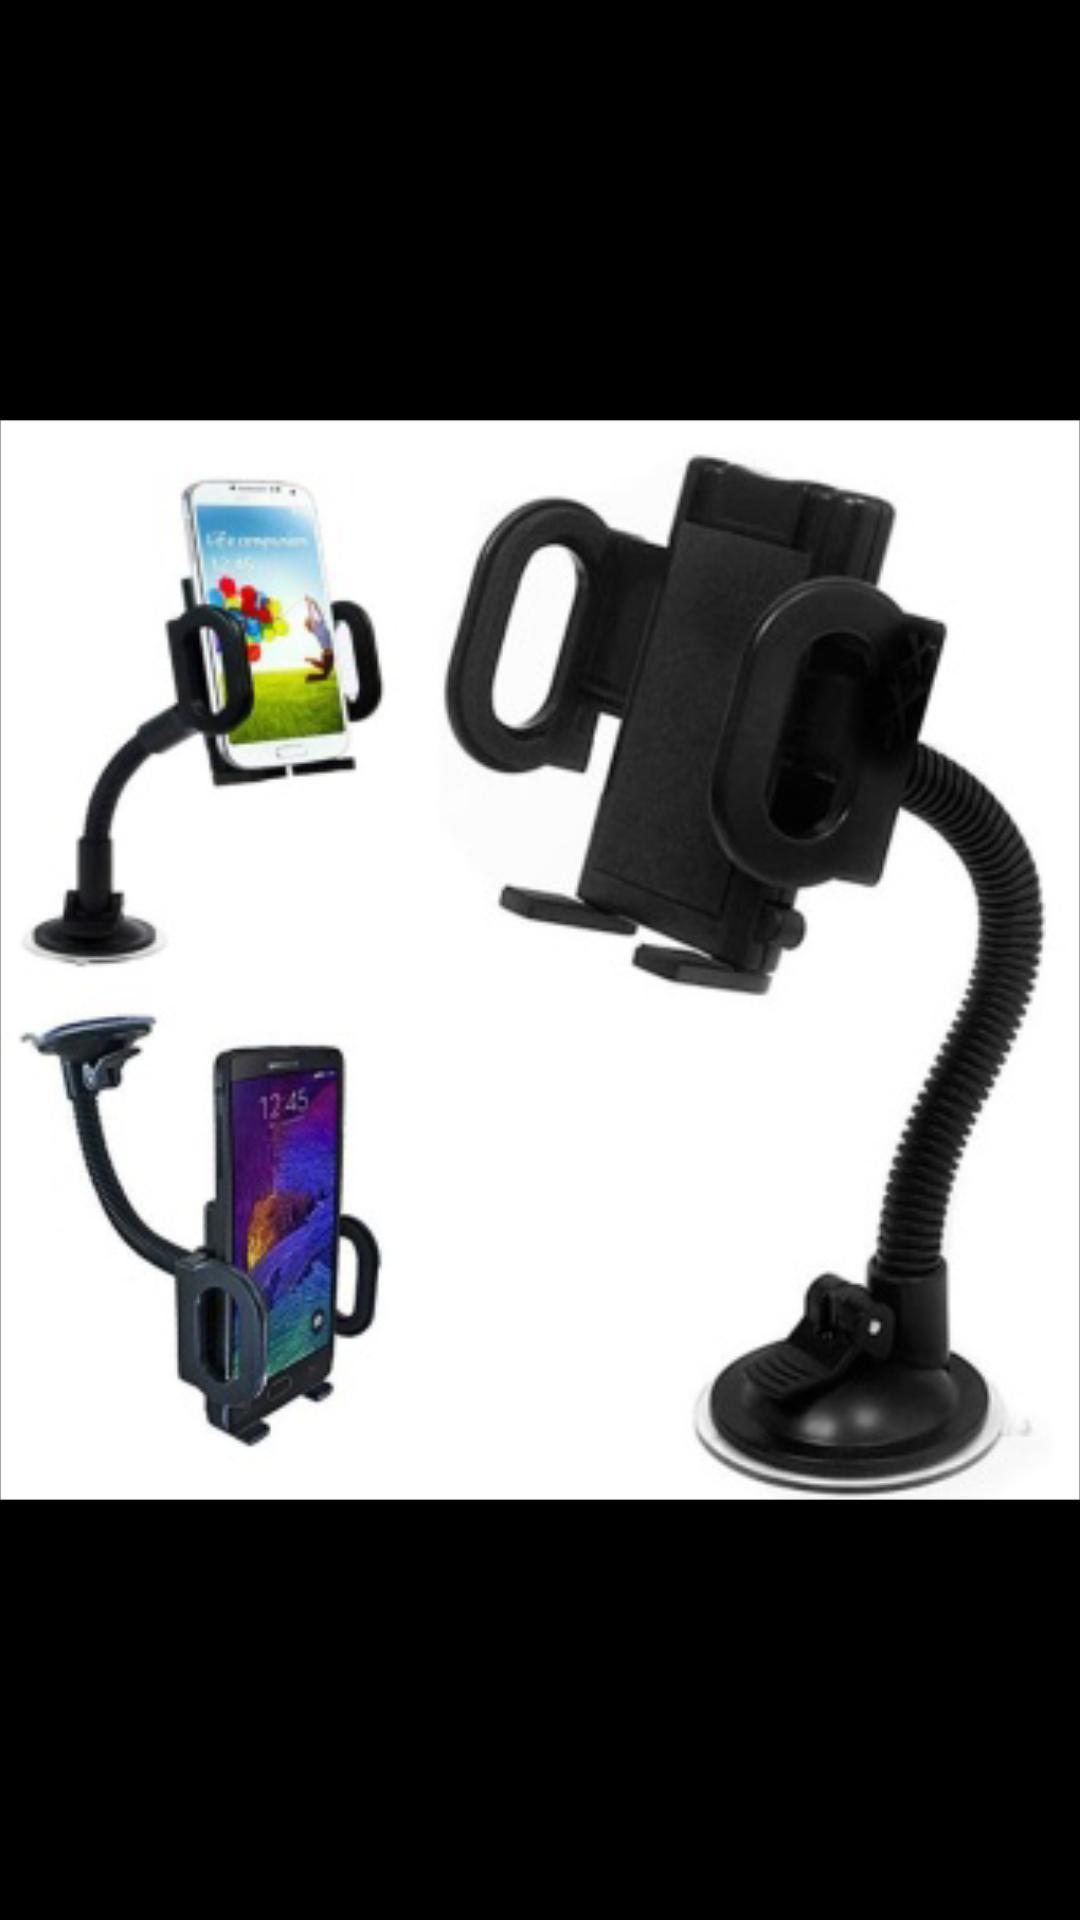 Fitur Universal Mobile Car Original Holder Bonus Carmount Ac Hp Gps Spion Di Mobil Handphone Gantungan Kaca Dan